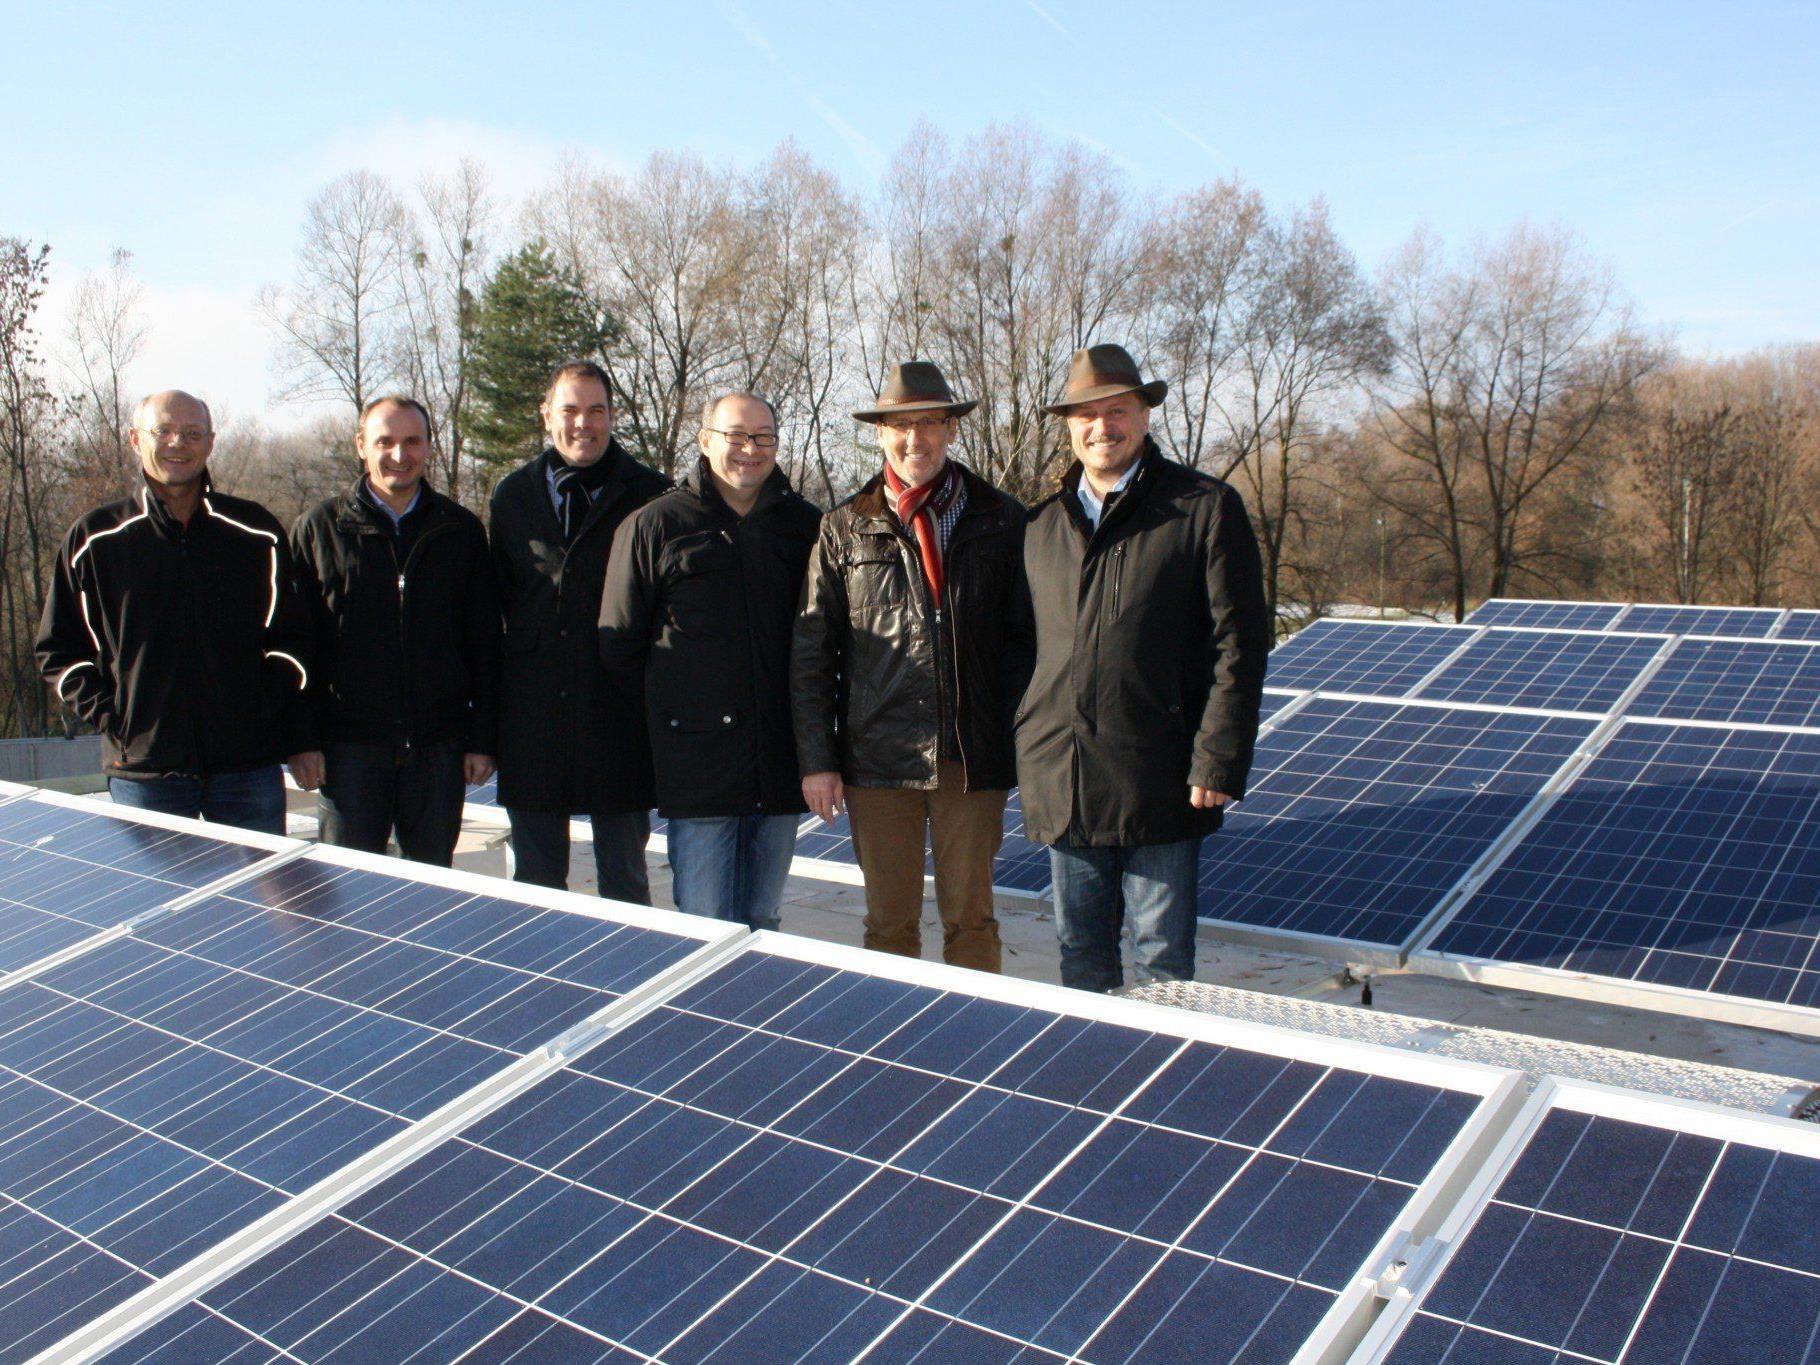 """ARA-Betriebsleiter Arnold Seeberger präsentierte den Bürgermeistern und Energiekoordinator Bertram Schedler das neue öffentliche """"Solarstrom-Kraftwerk""""."""